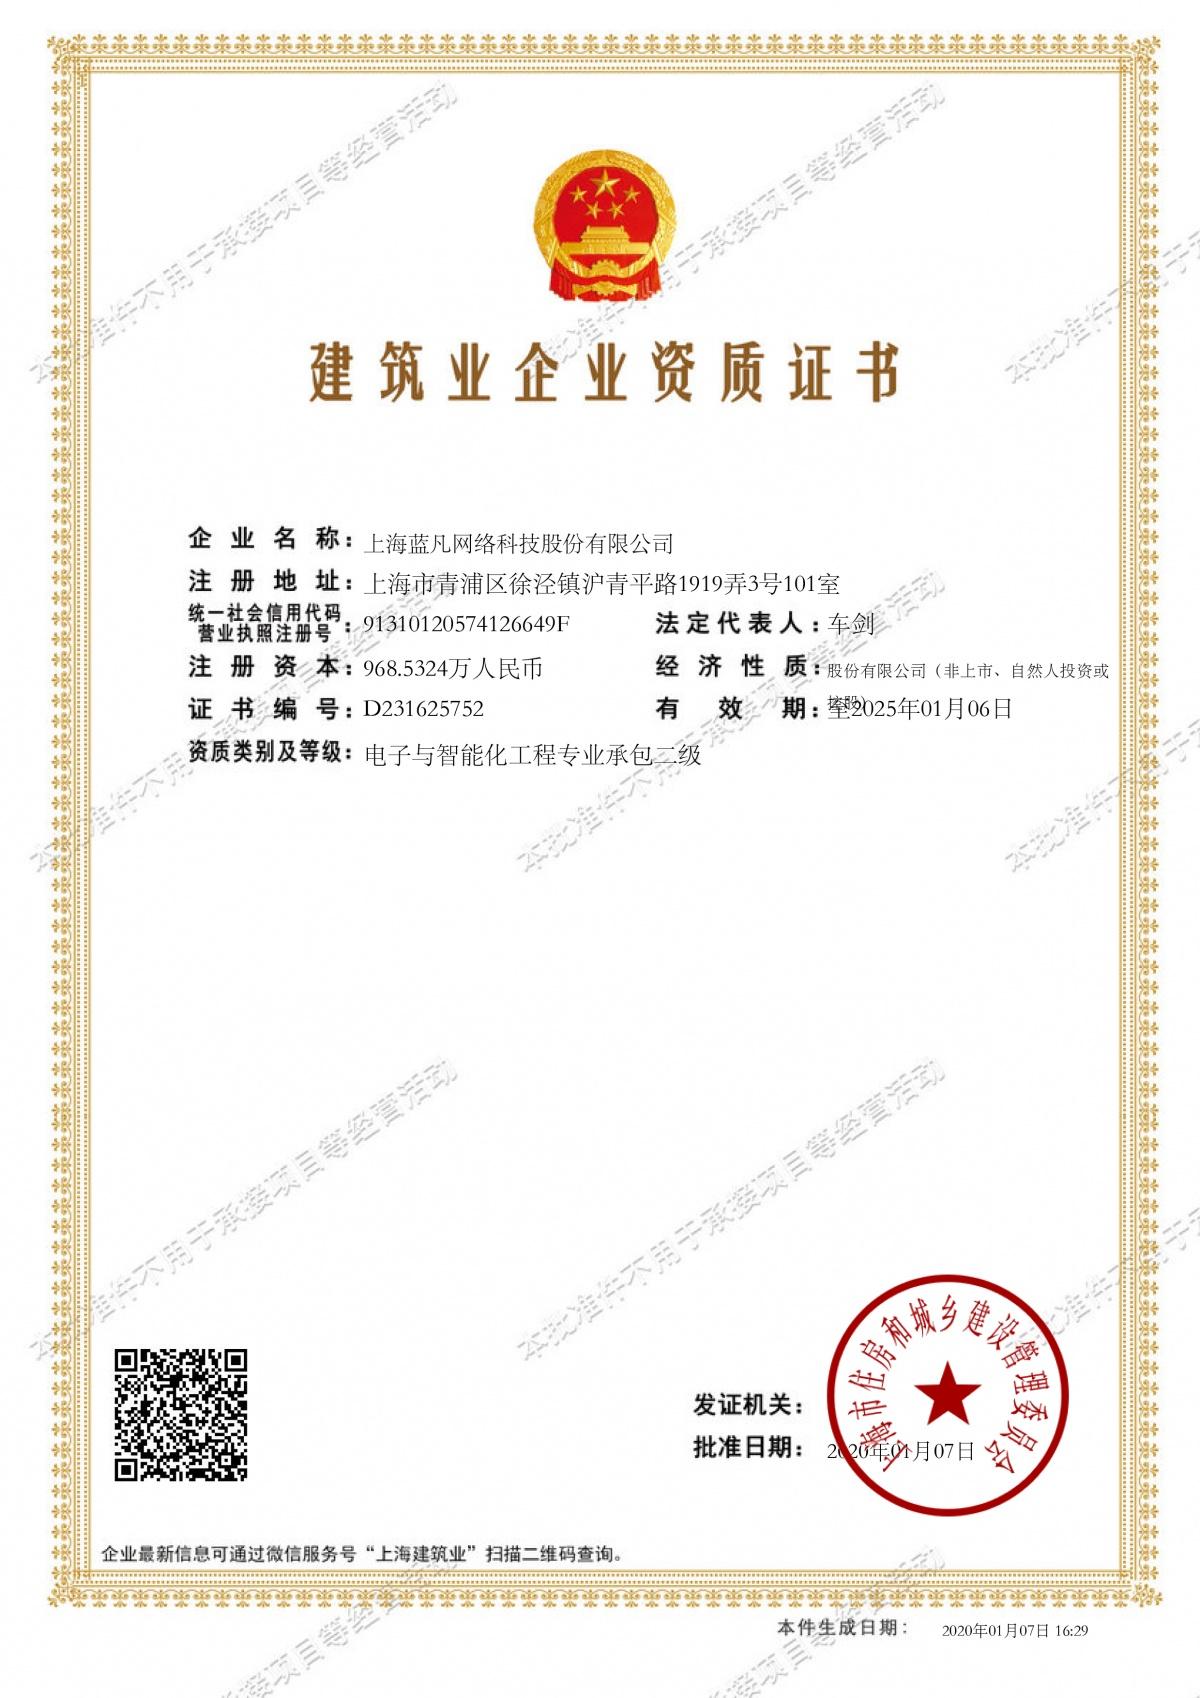 上海aoa体育登陆网络科技股份有限公司建筑业企业资质证书-20200107162505206.jpg